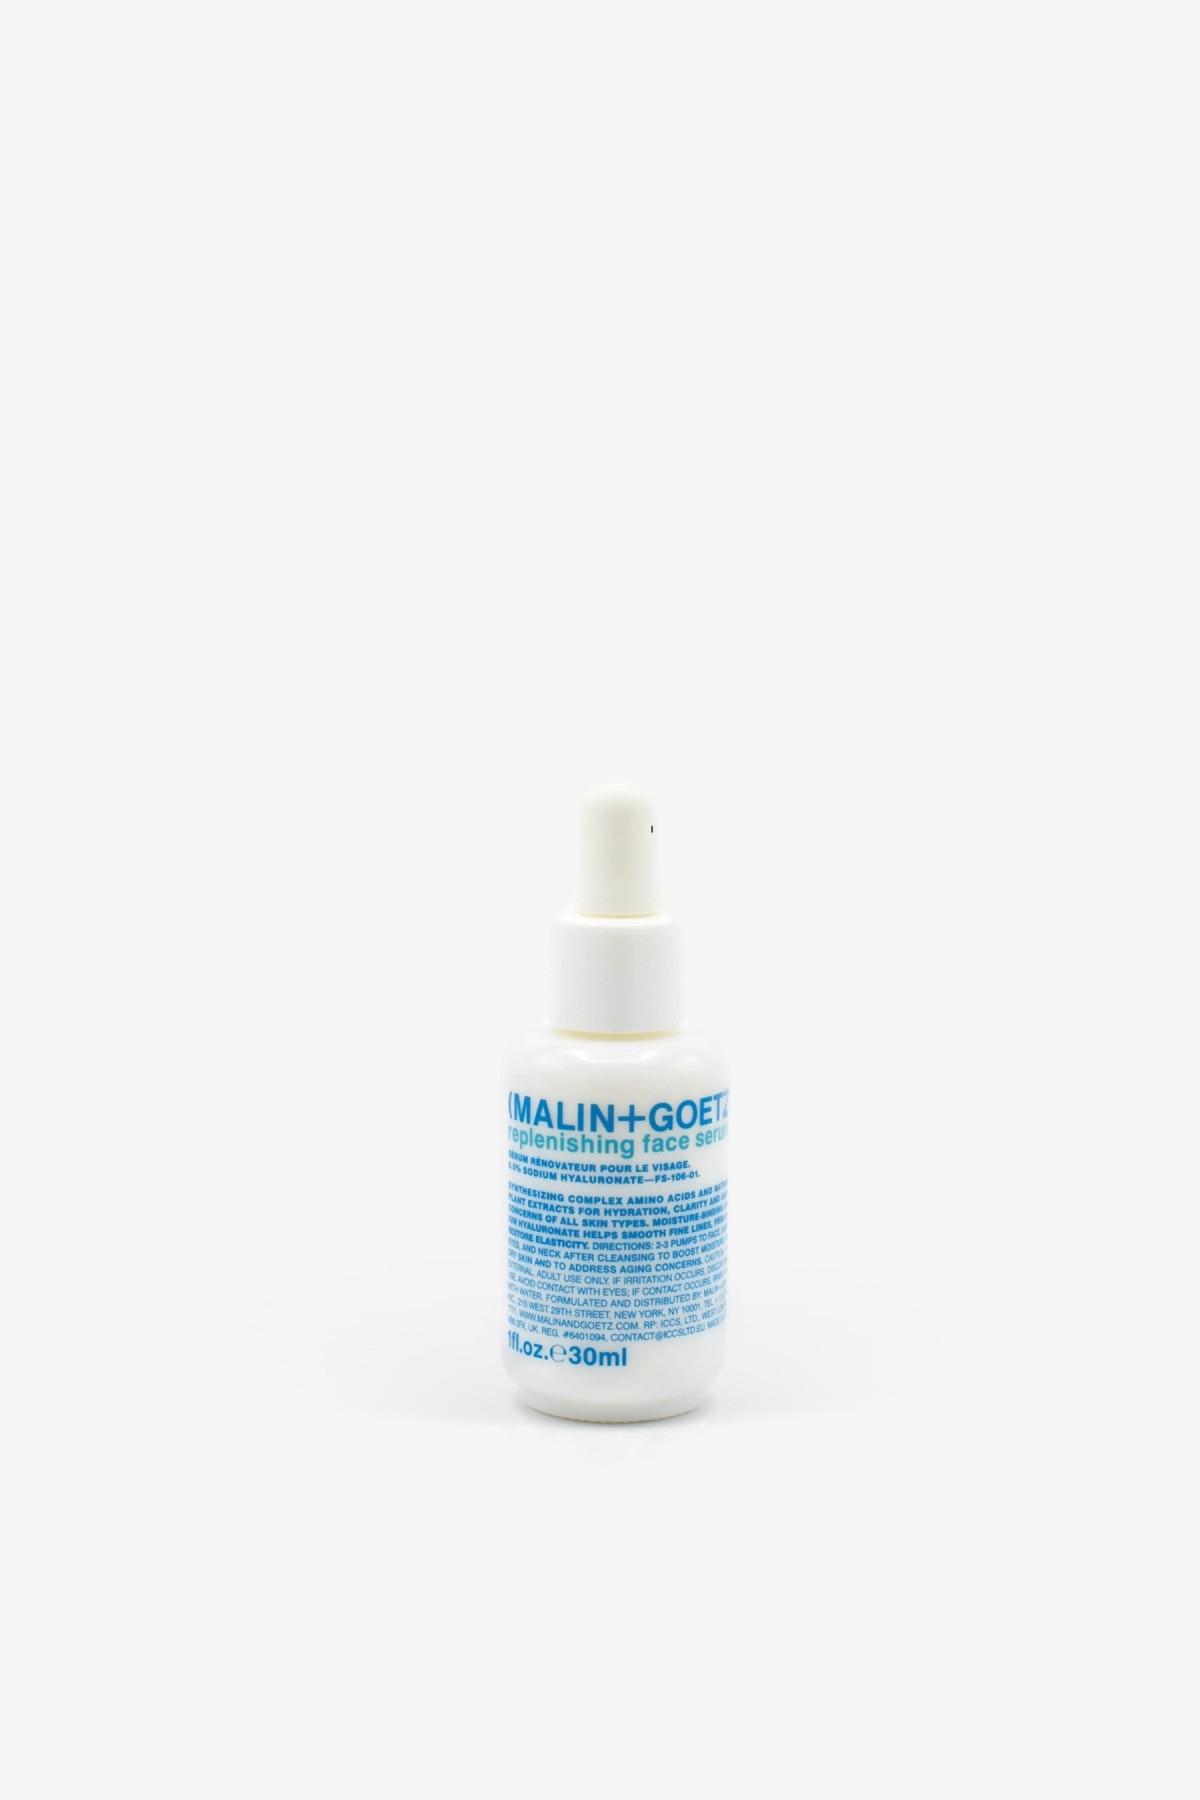 Malin+Goetz Replenishing Face Serum 30ml in